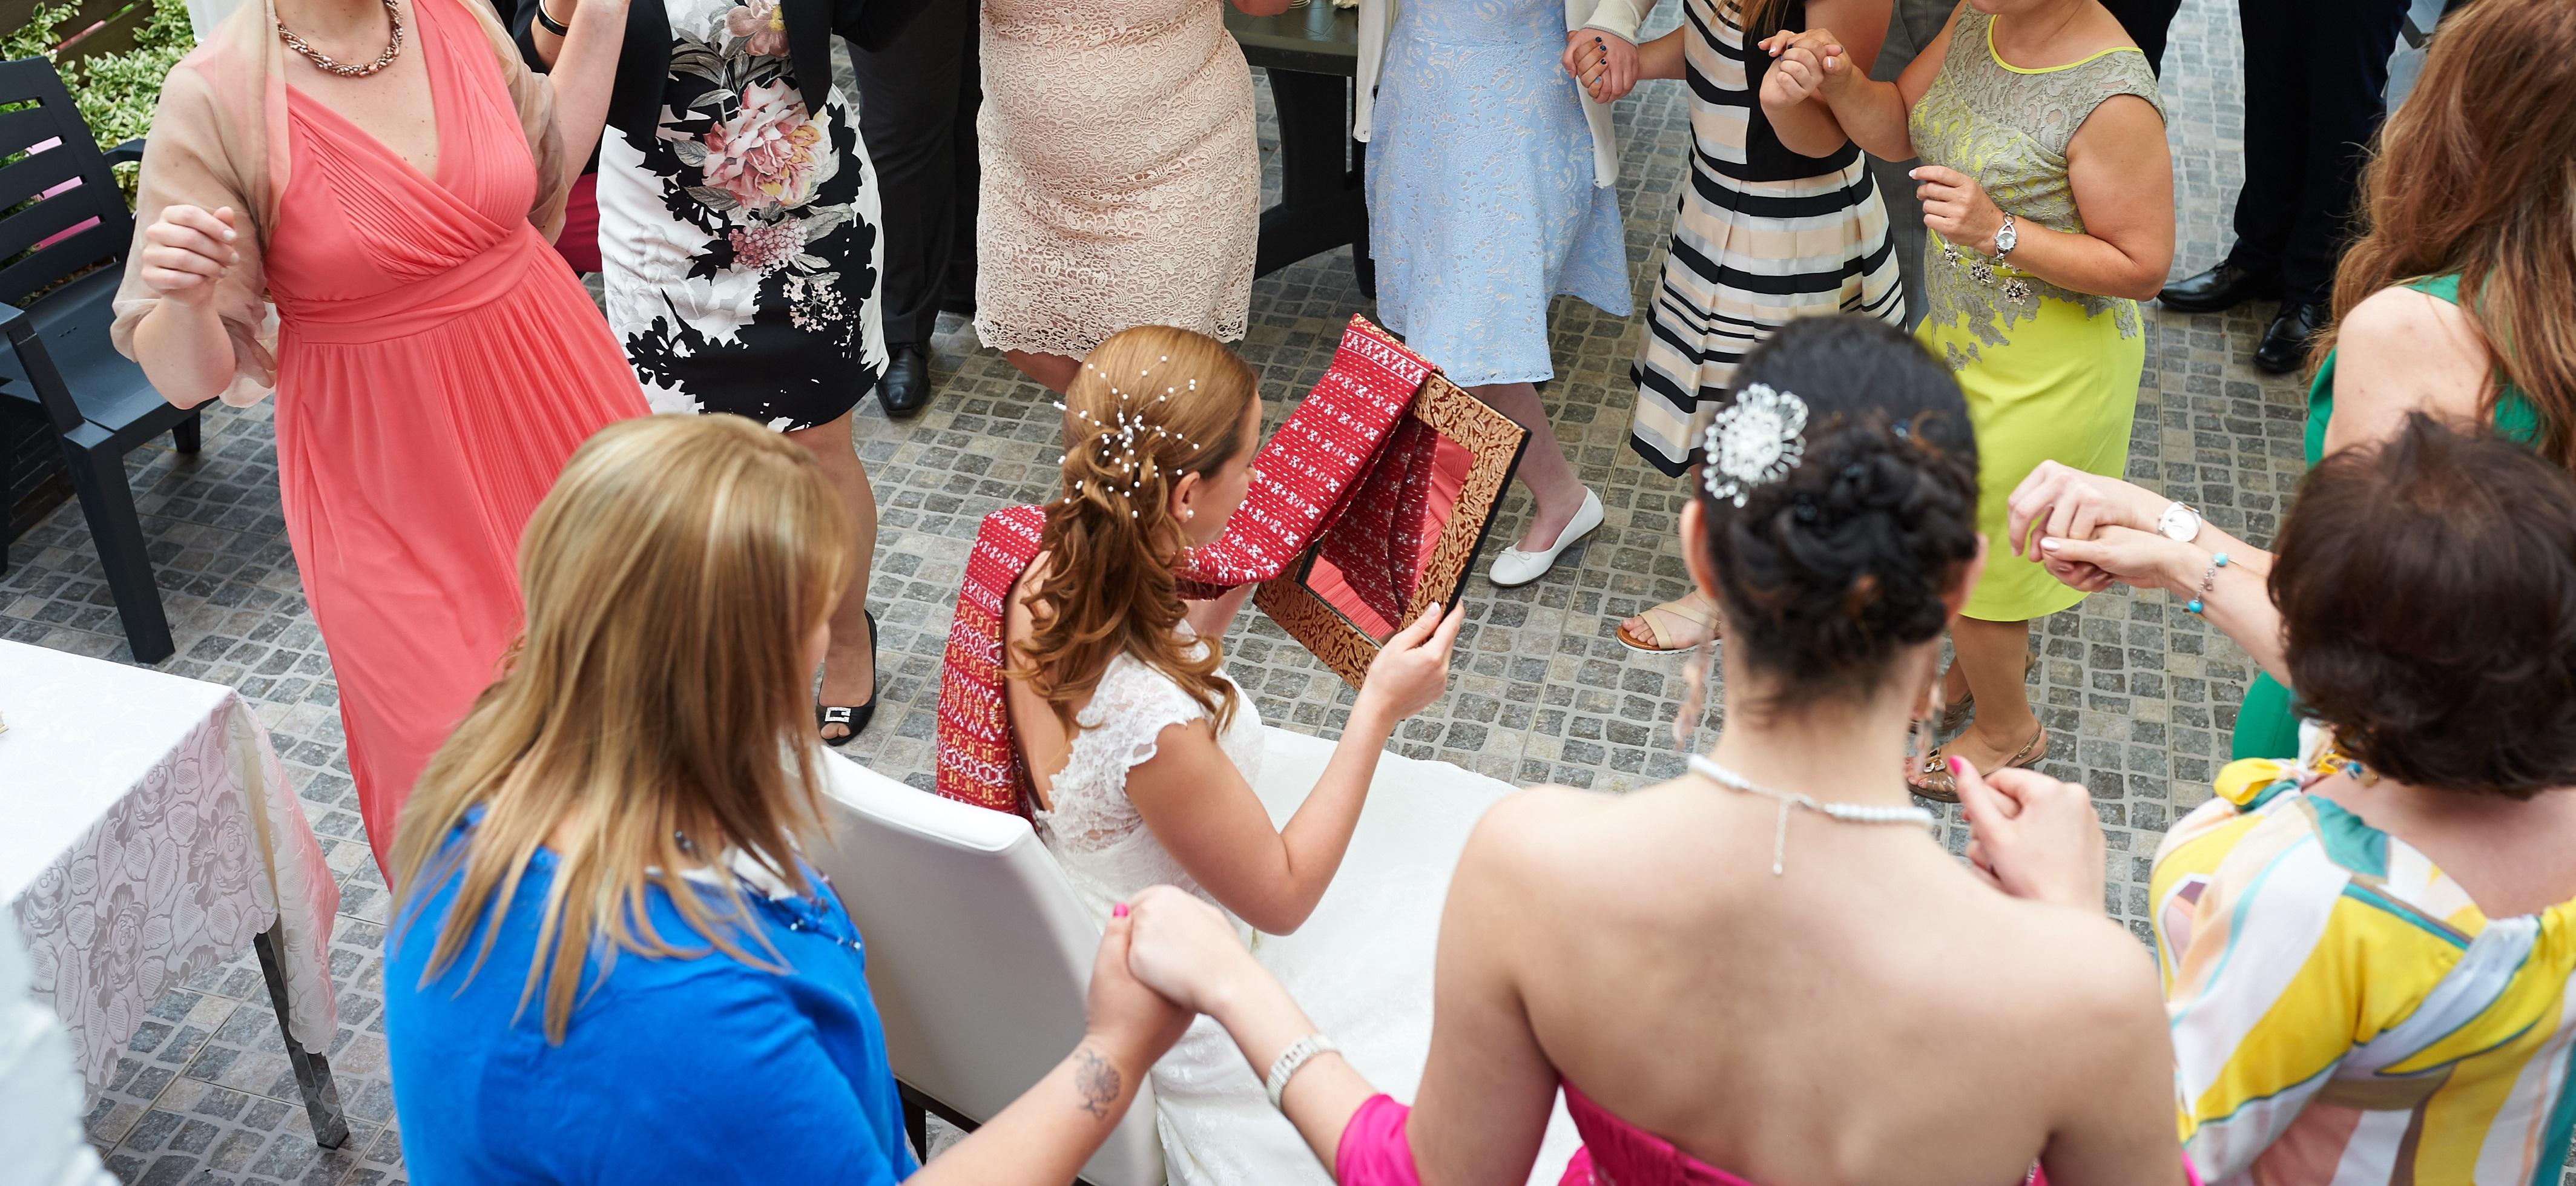 Mon mariage orthodoxe grec : la réception au domicile de nos parents et notre départ pour l'église